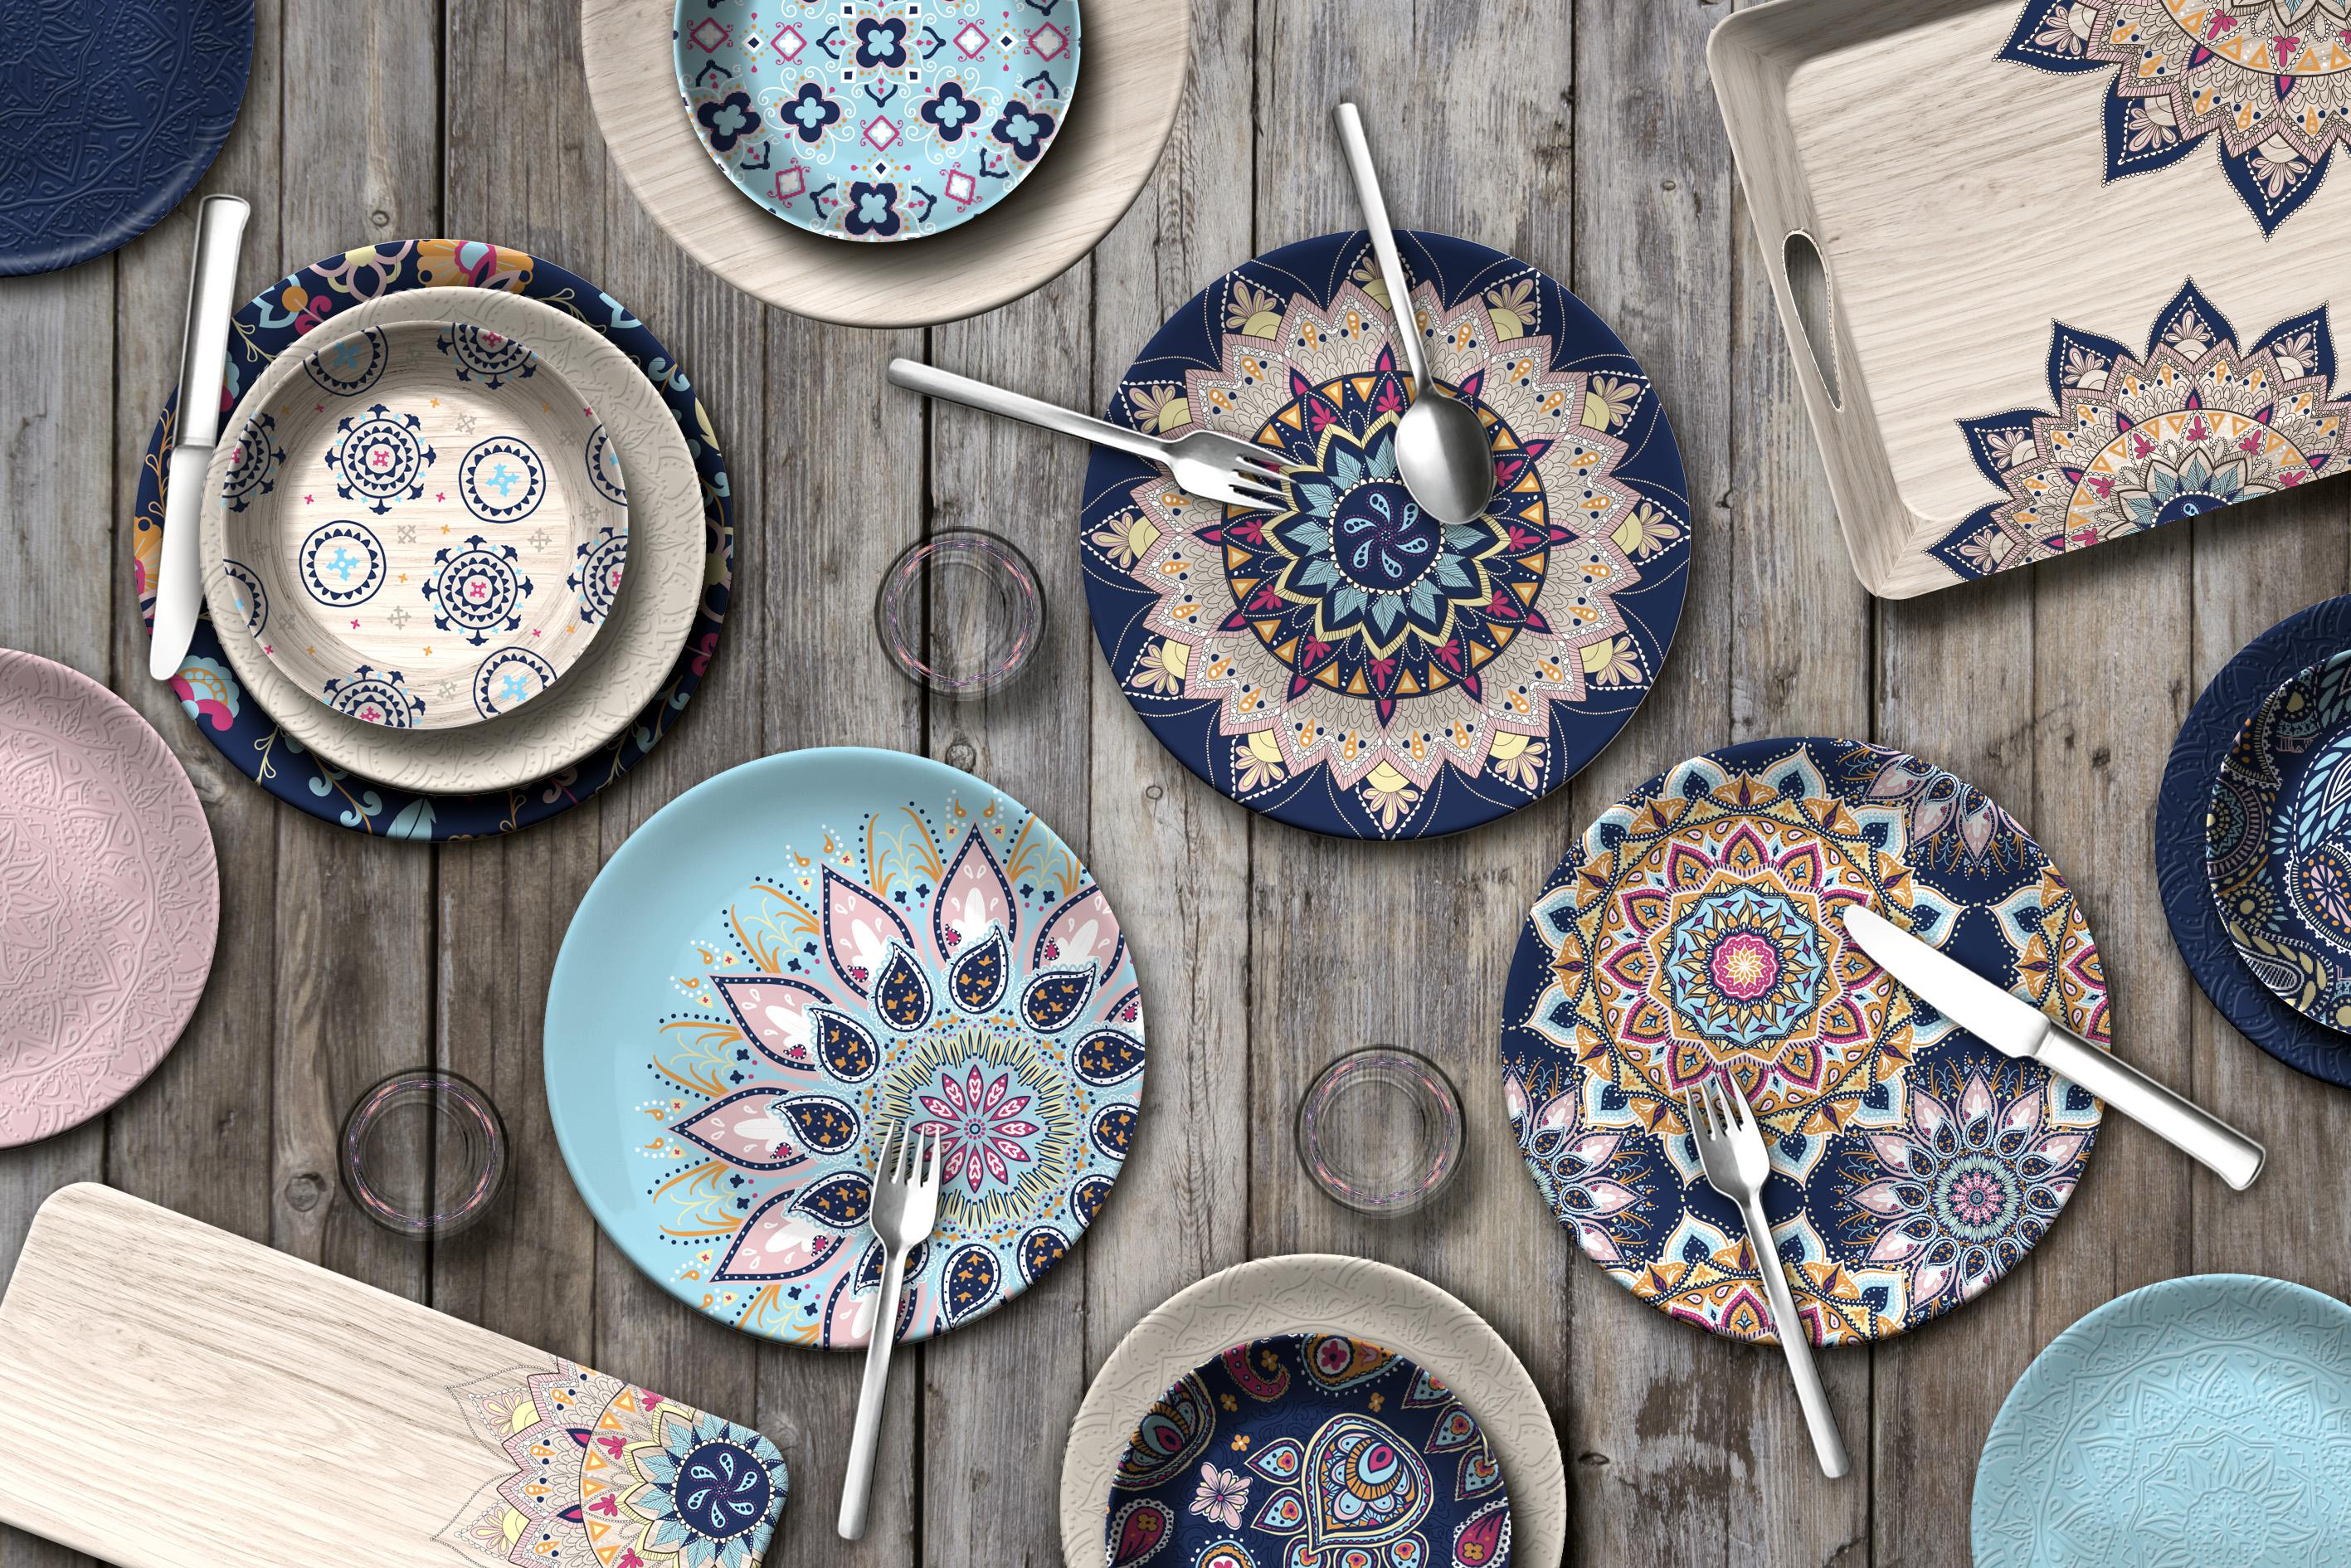 Zak Design Direct Global & New Zak subsidiary focuses on global dinnerware designs | Home ...